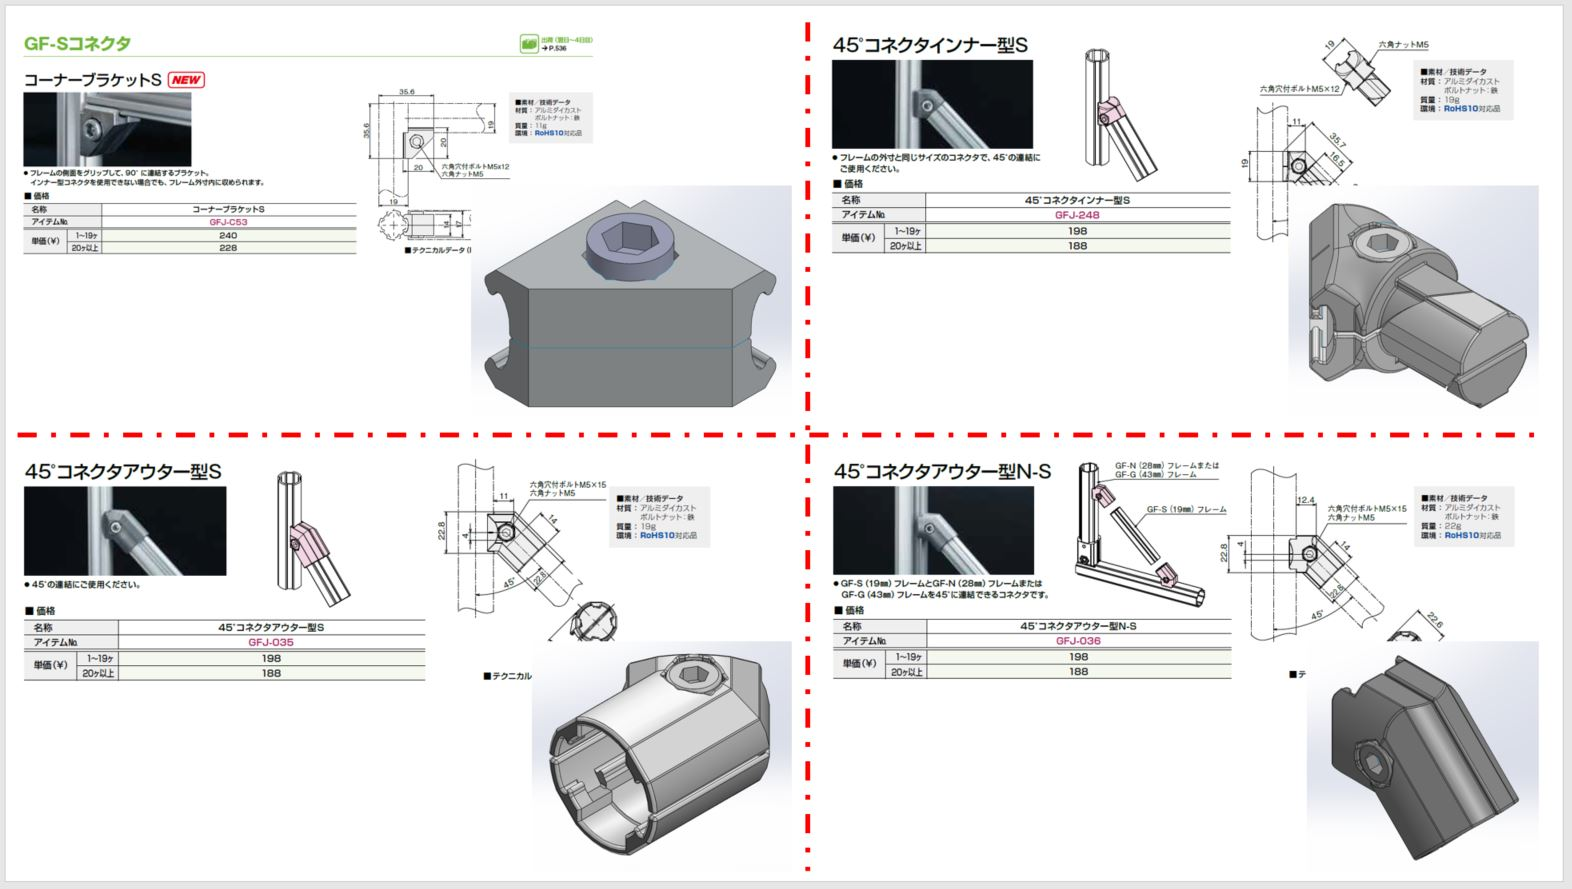 GF-S 19mm シリーズ 部品一覧7